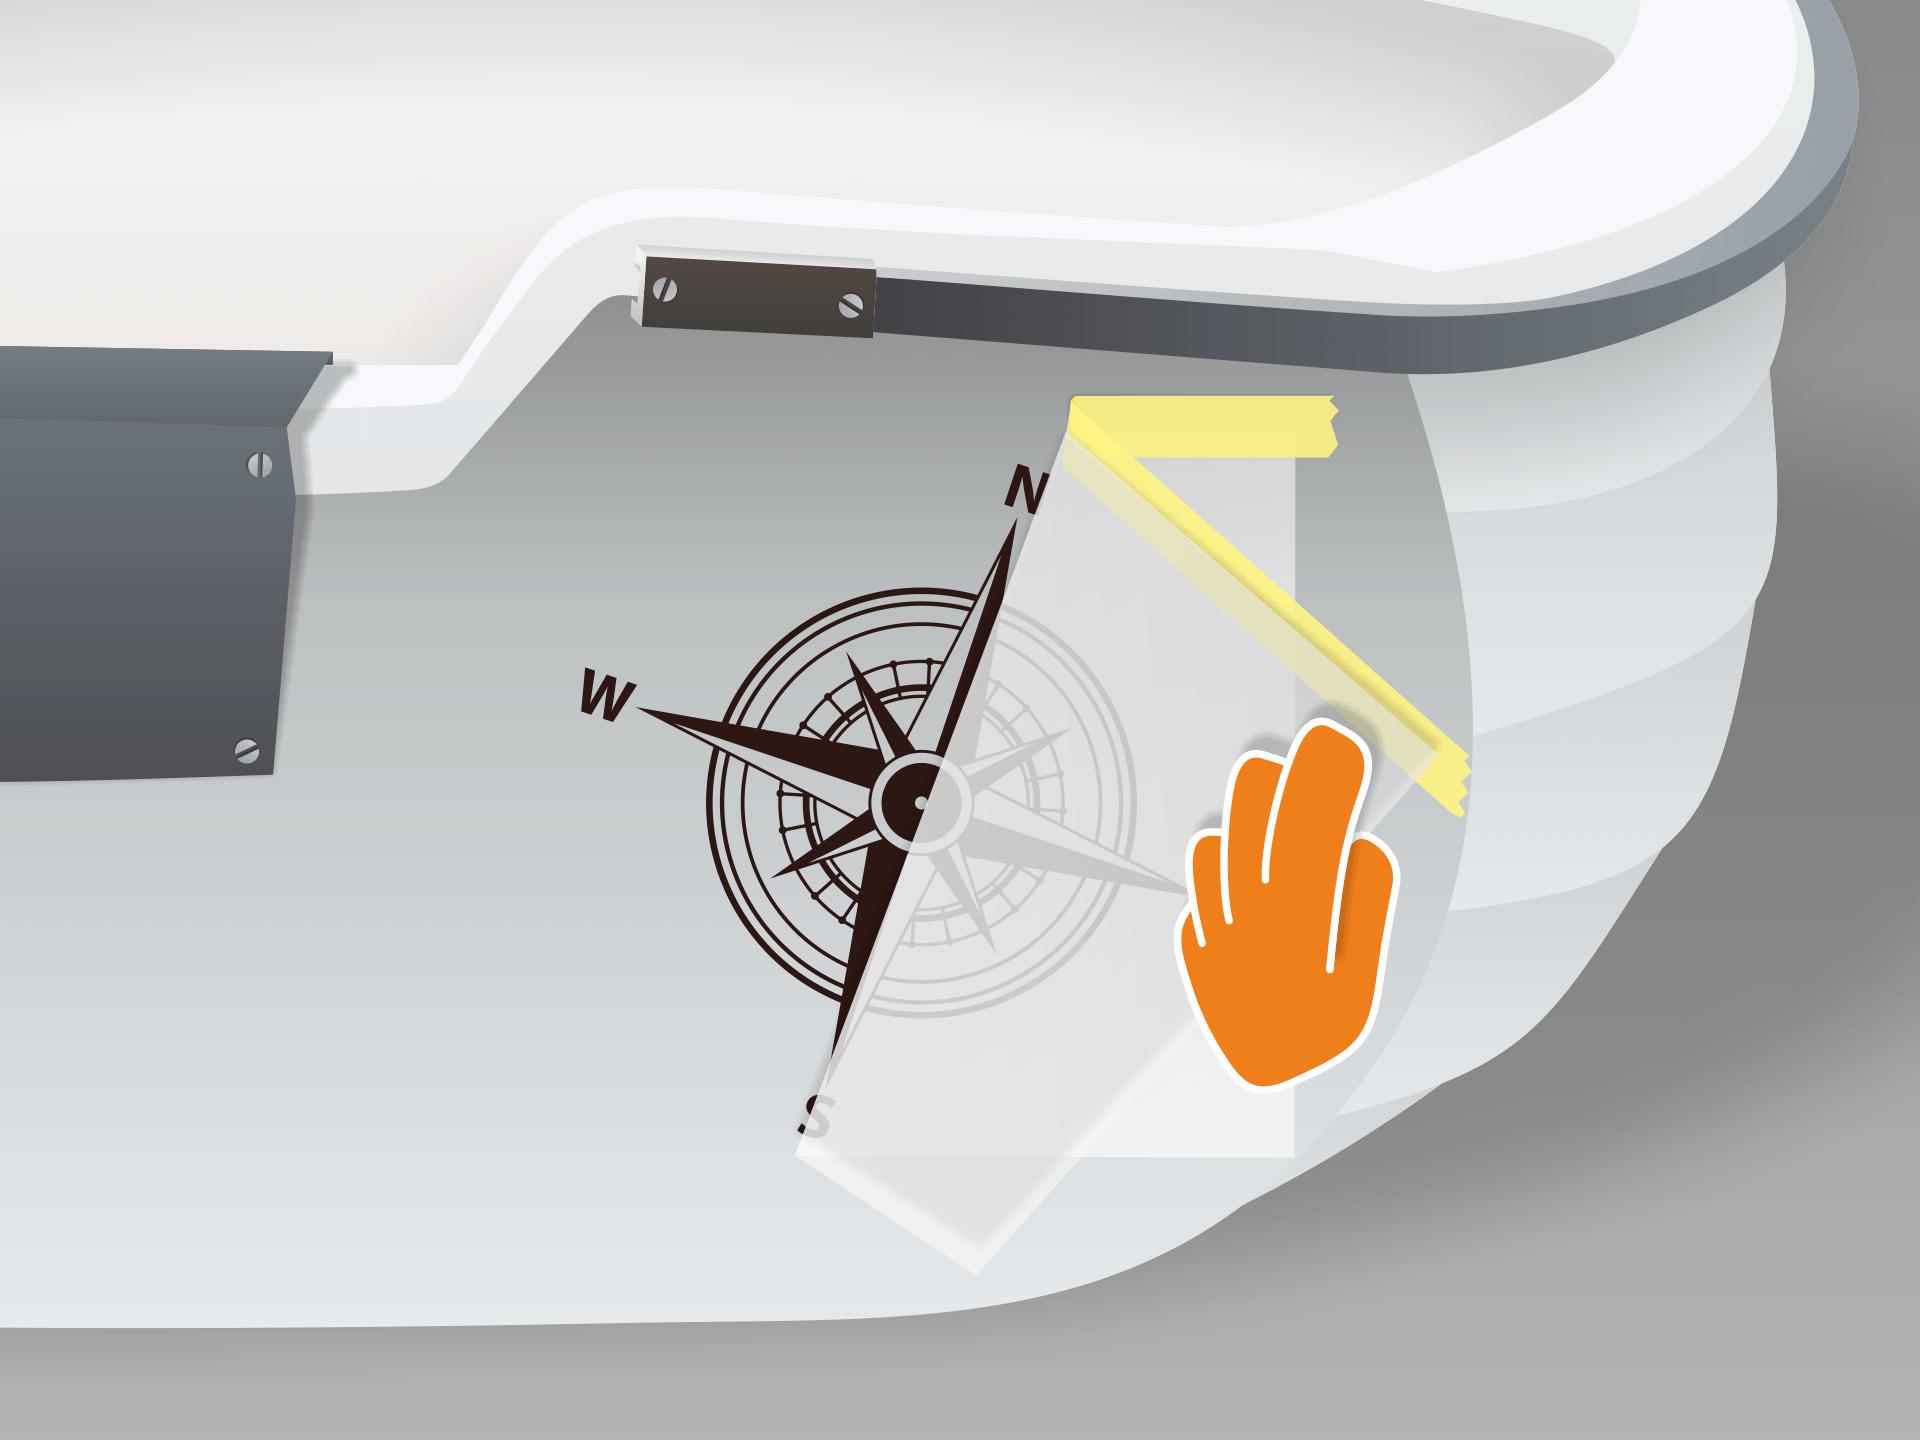 Übertragungsfolie vorsichtig in flachem Winkel abziehen fertig!